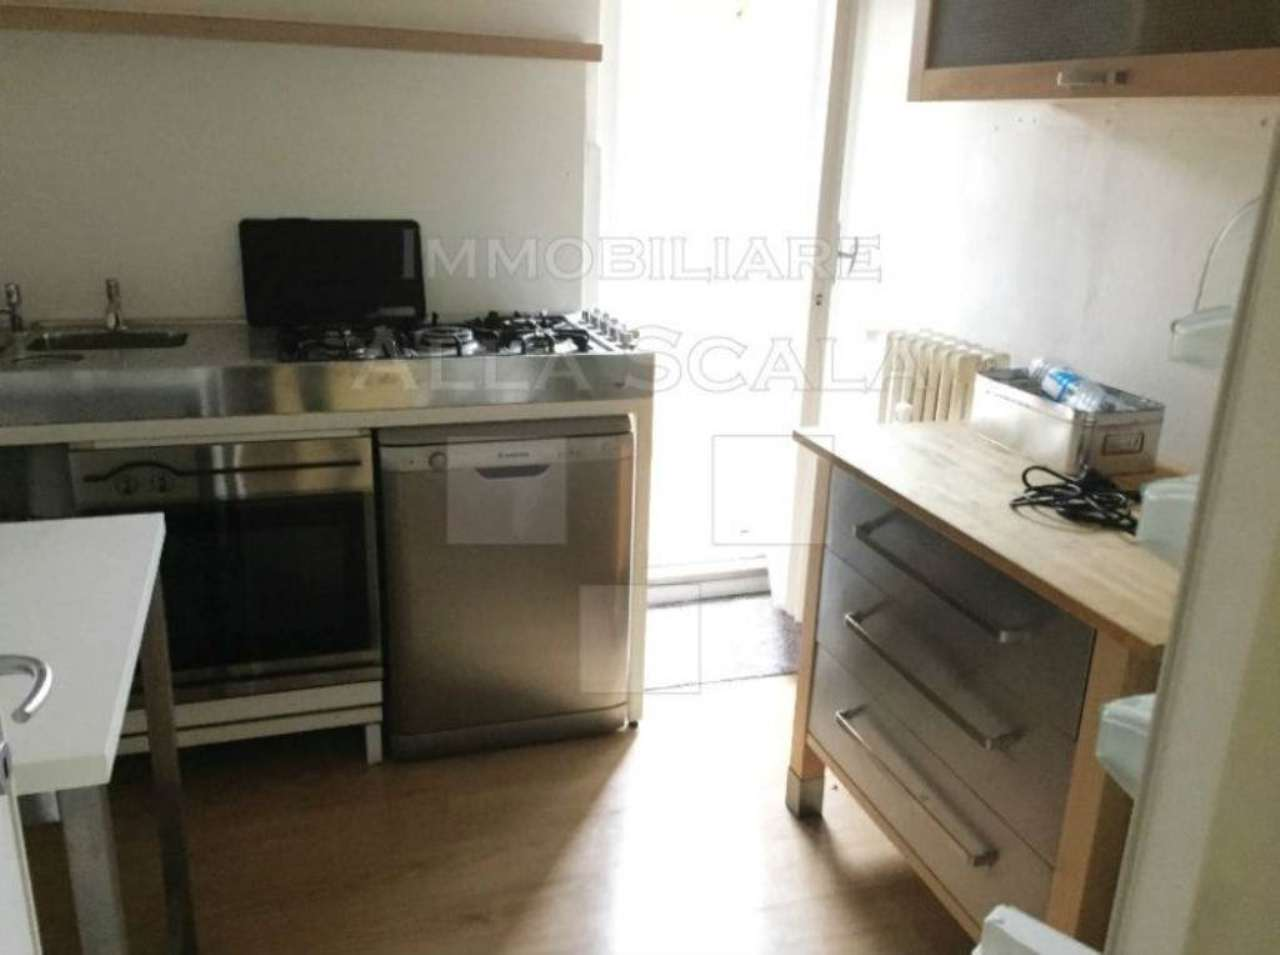 Appartamento in Vendita a Milano: 2 locali, 80 mq - Foto 7